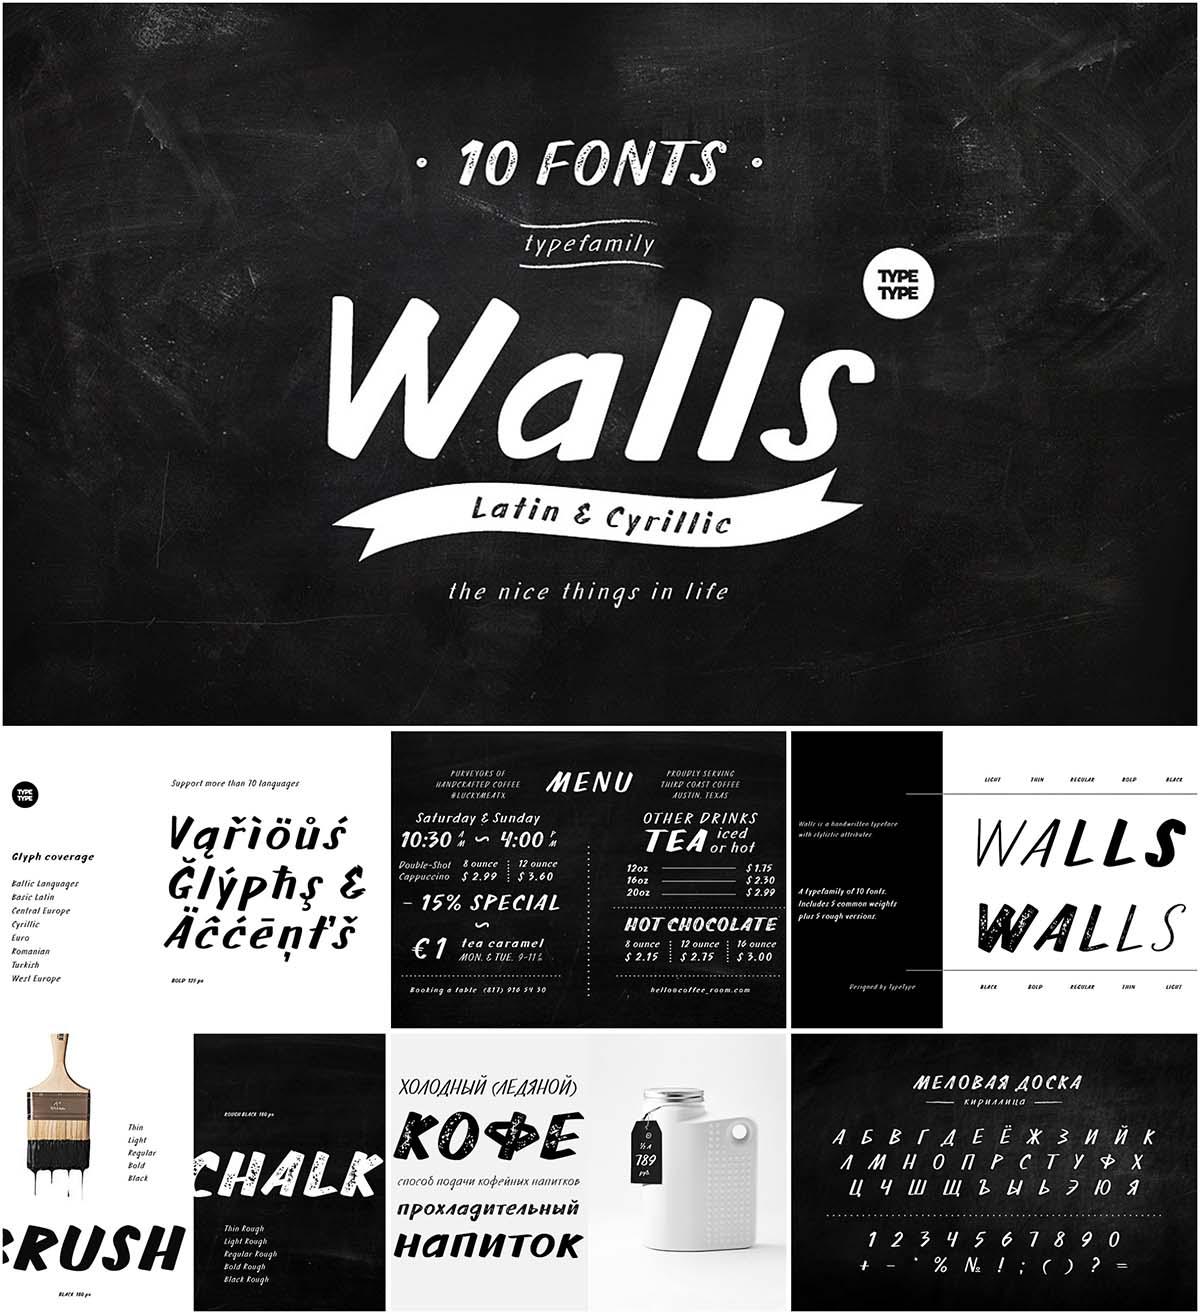 TT Walls font family